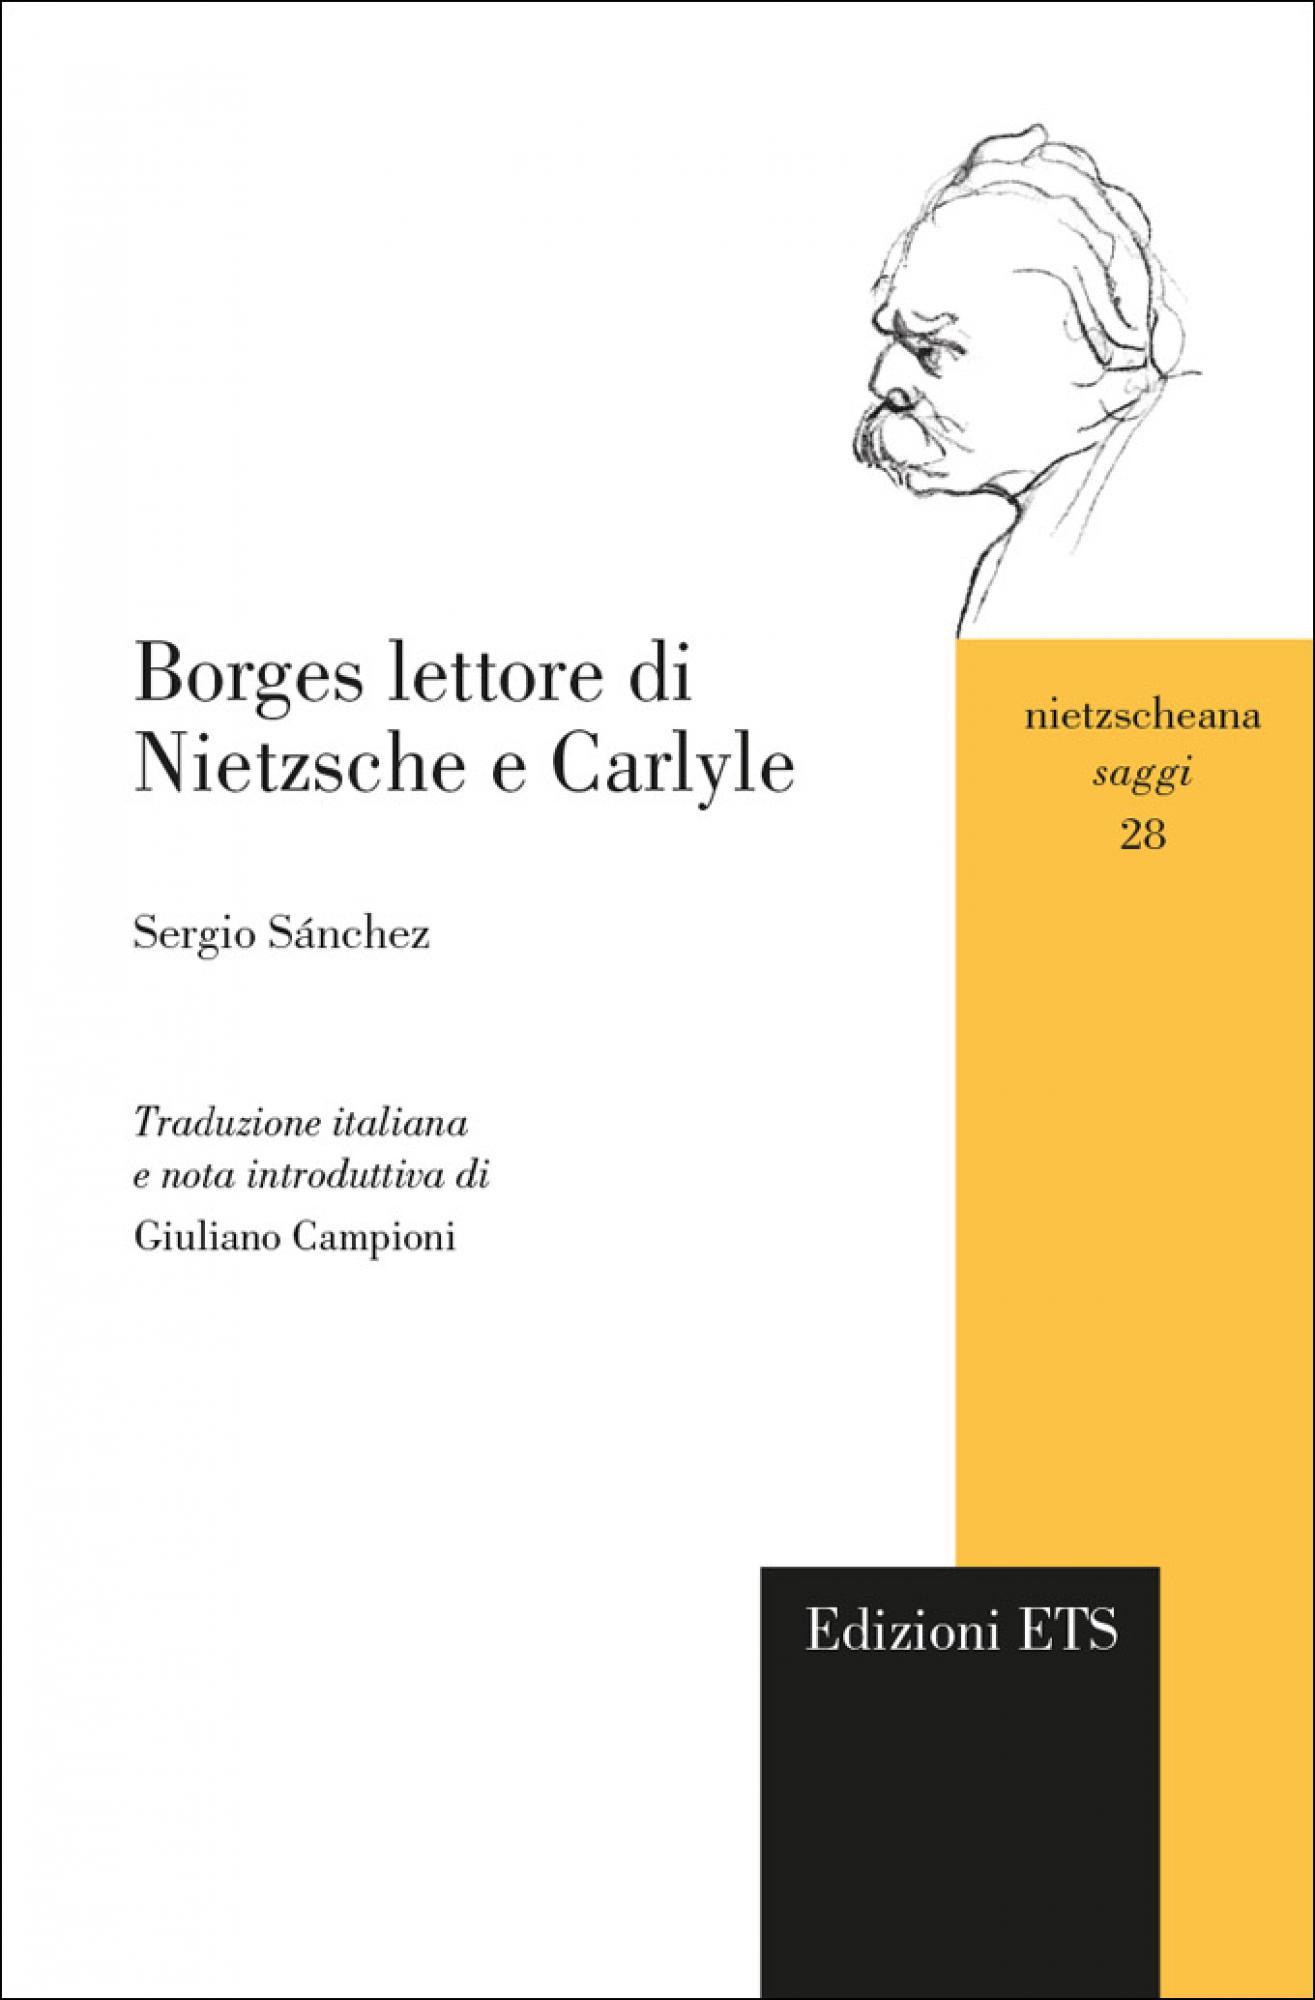 Borges lettore di Nietzsche e Carlyle